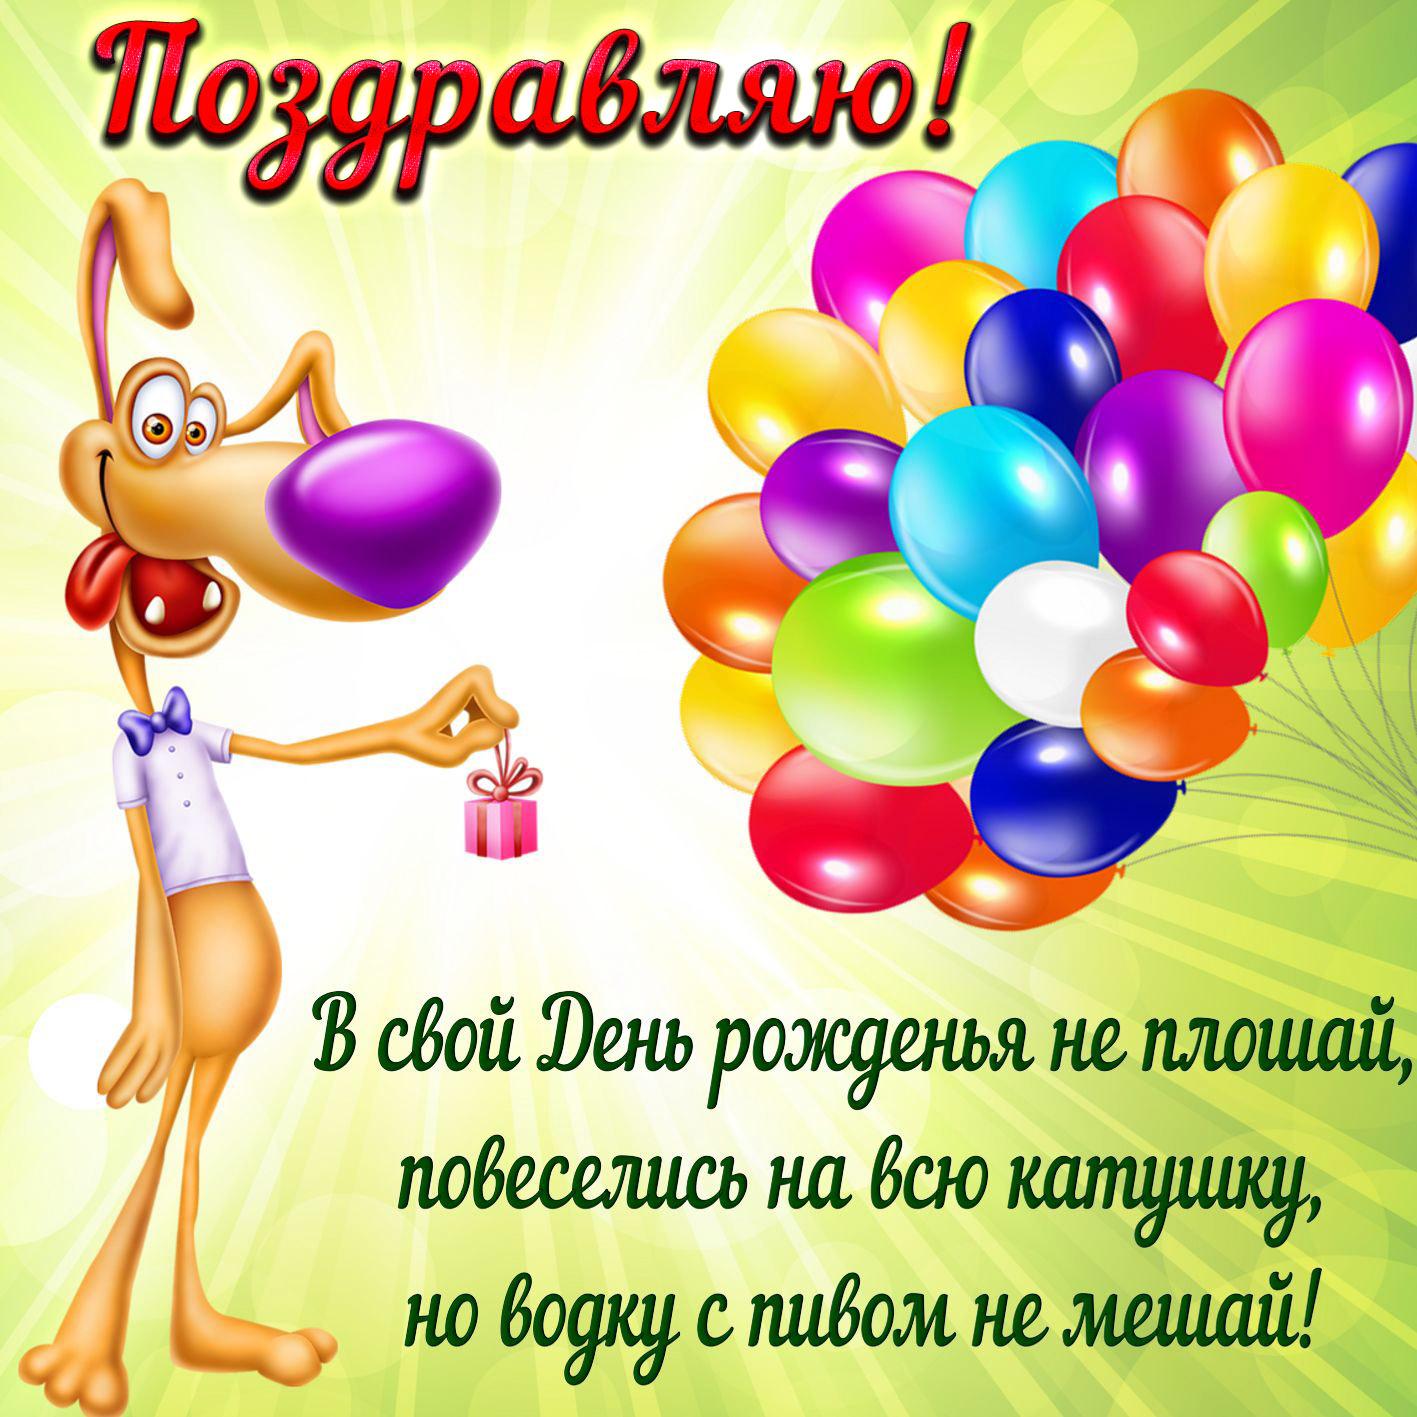 Забавная картинка с шариками для мужчины на День рождения